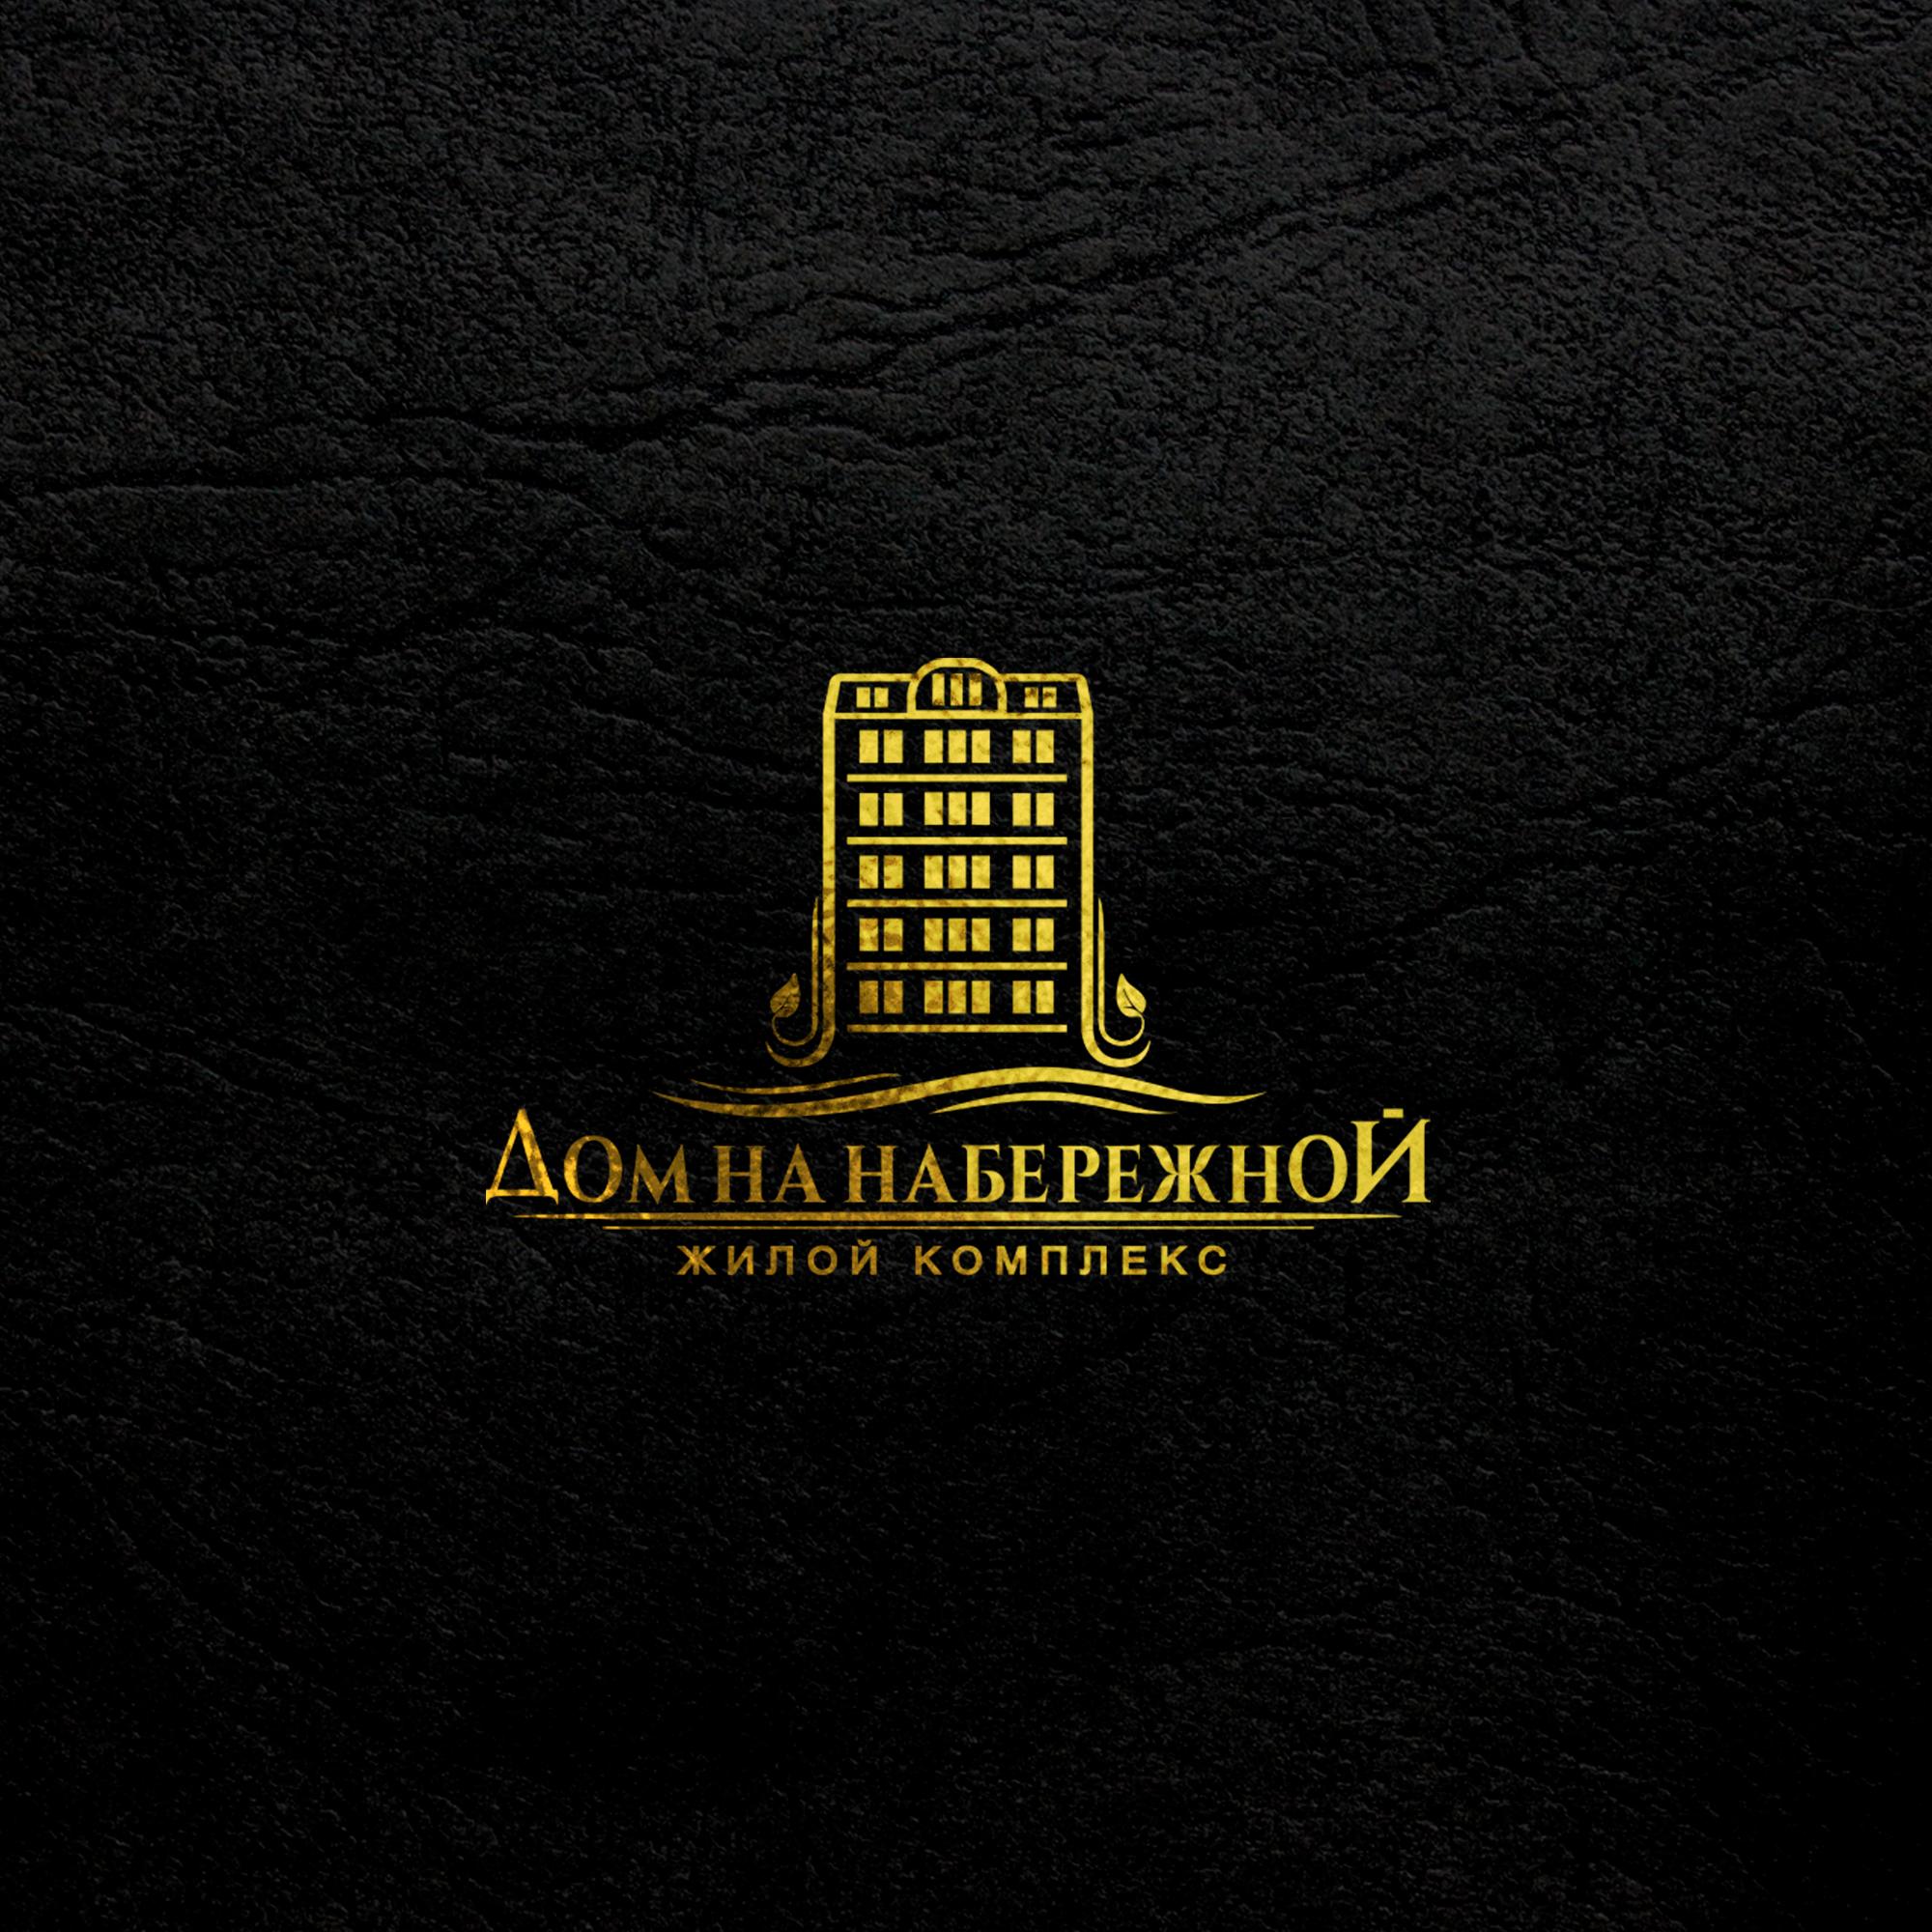 РАЗРАБОТКА логотипа для ЖИЛОГО КОМПЛЕКСА премиум В АНАПЕ.  фото f_0585debea55a4fbb.jpg